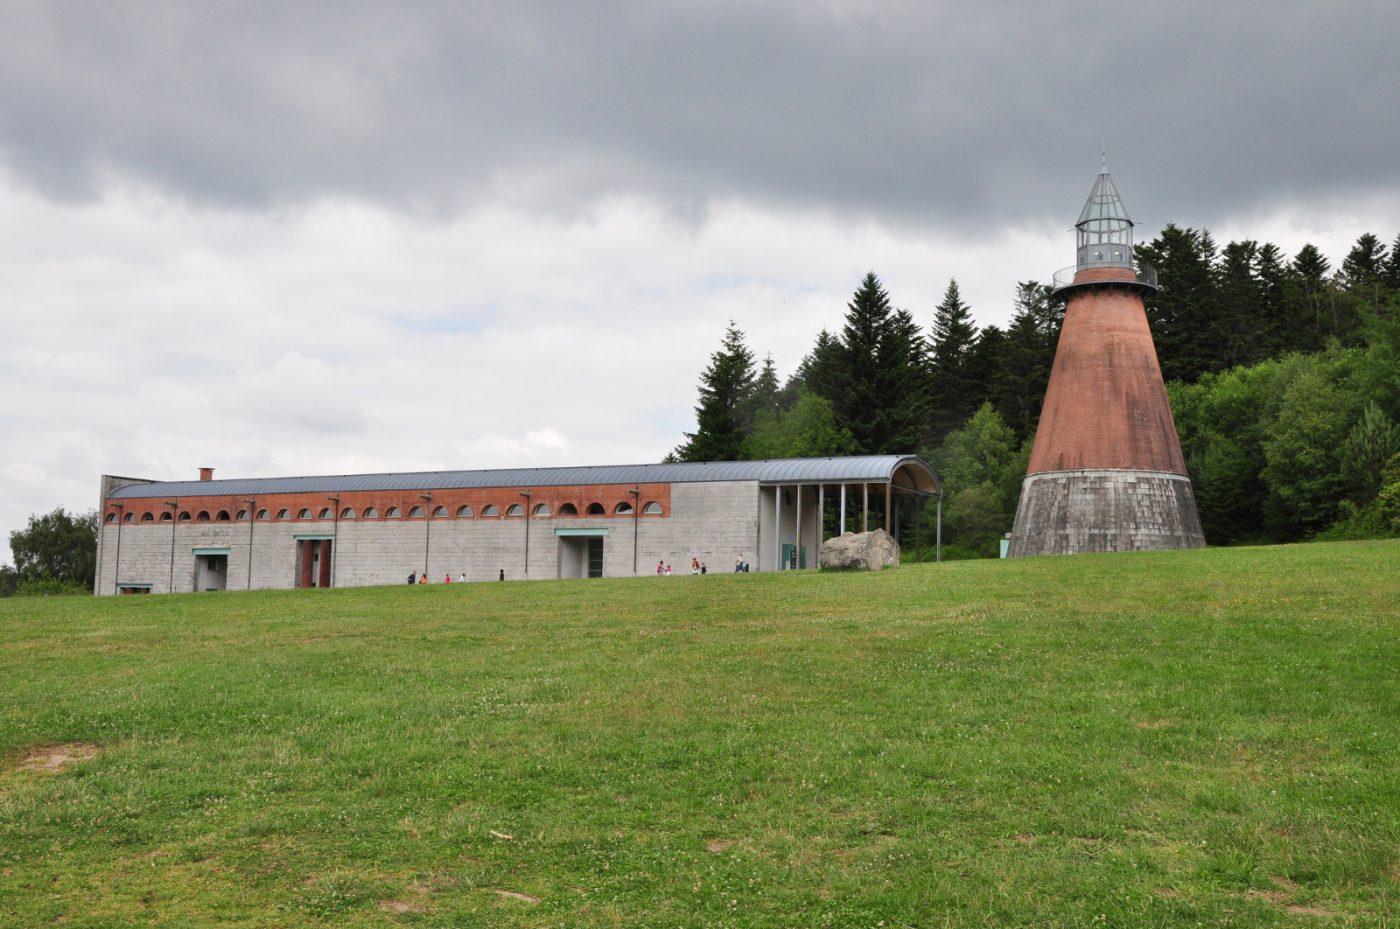 Le bâtiment emblématique du Centre international d'art et du paysage